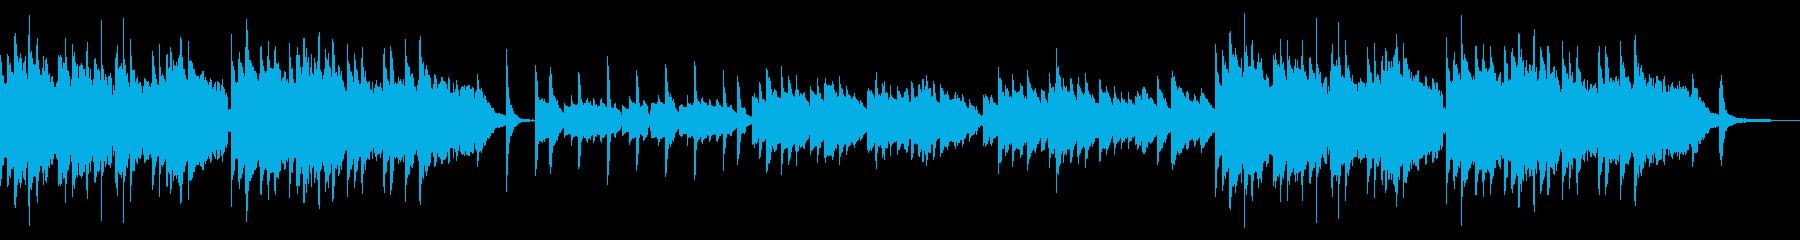 桜・日本庭園等 ピアノ・笛・三味線等の再生済みの波形